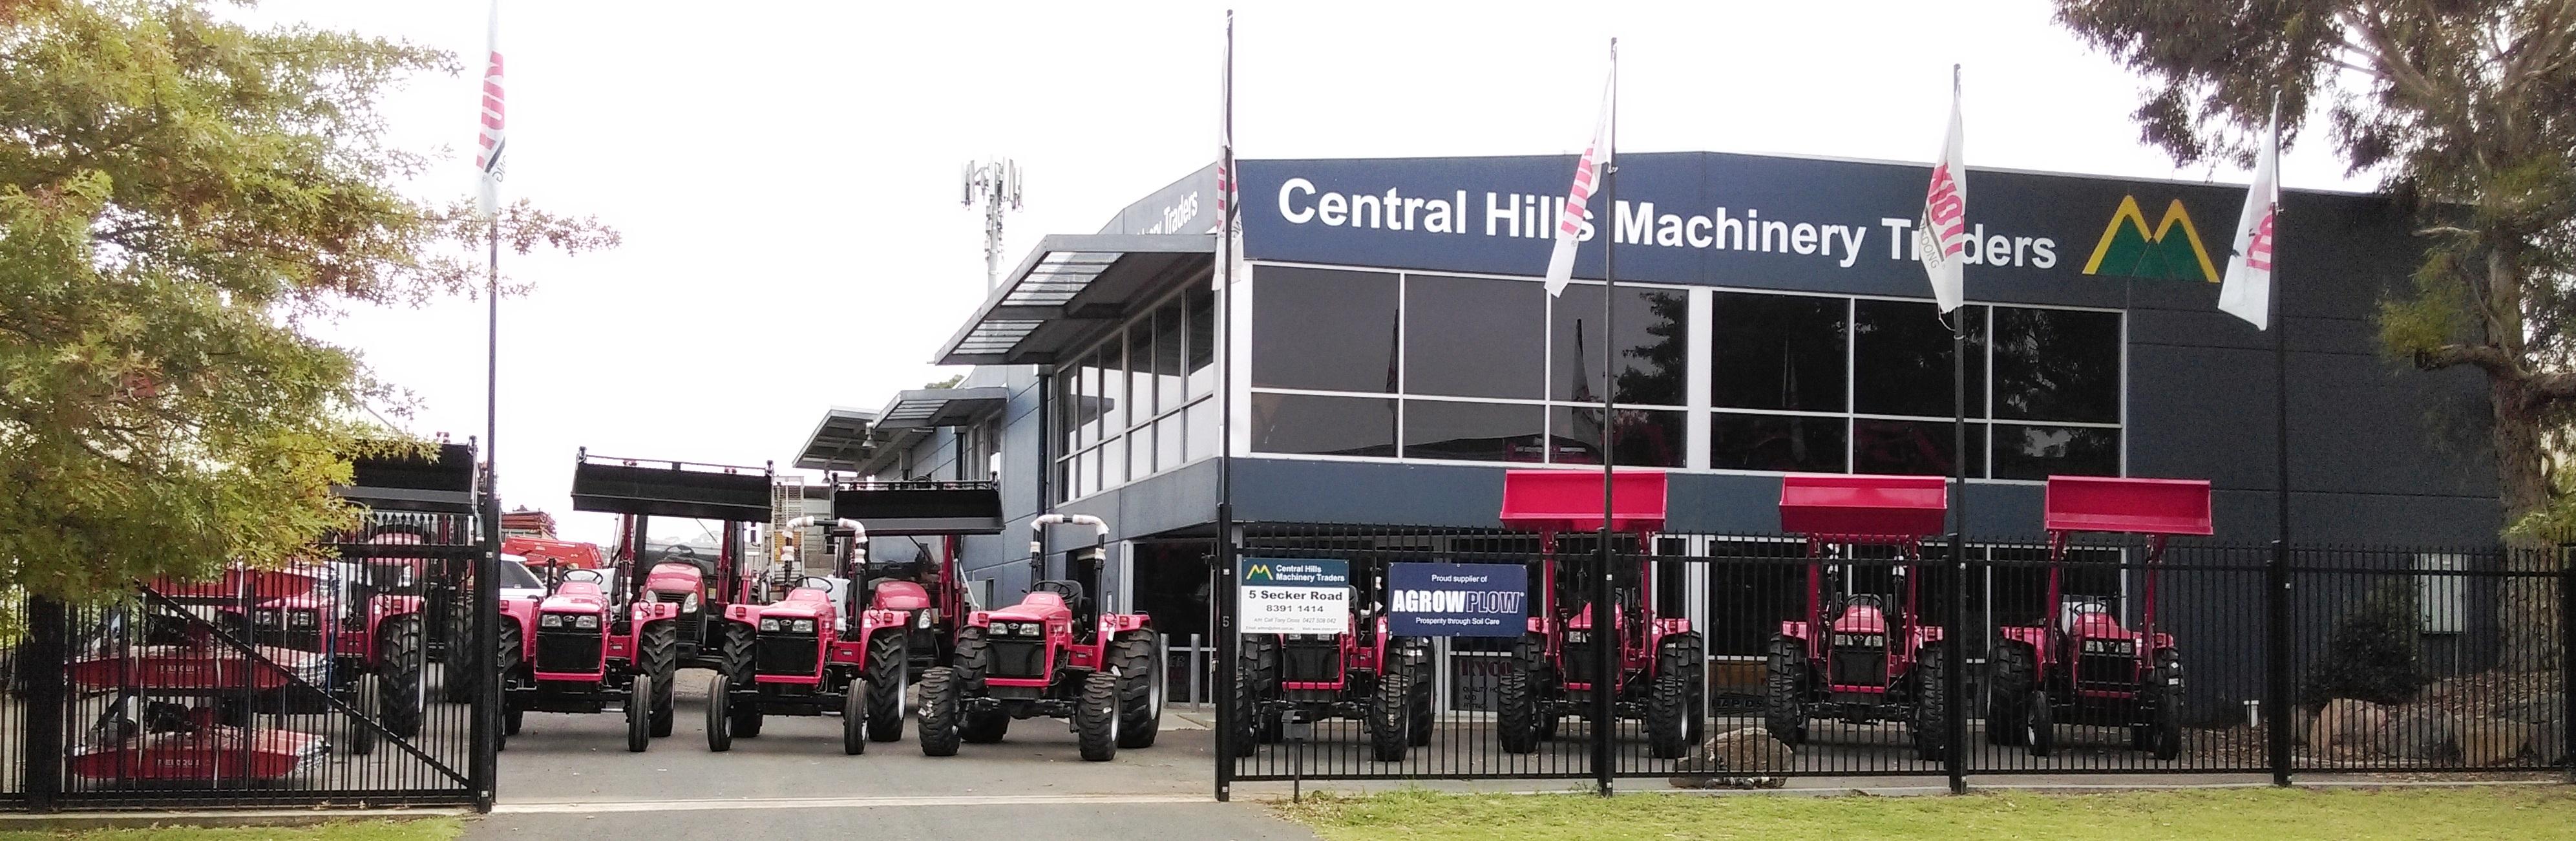 CentralHillsMachinery